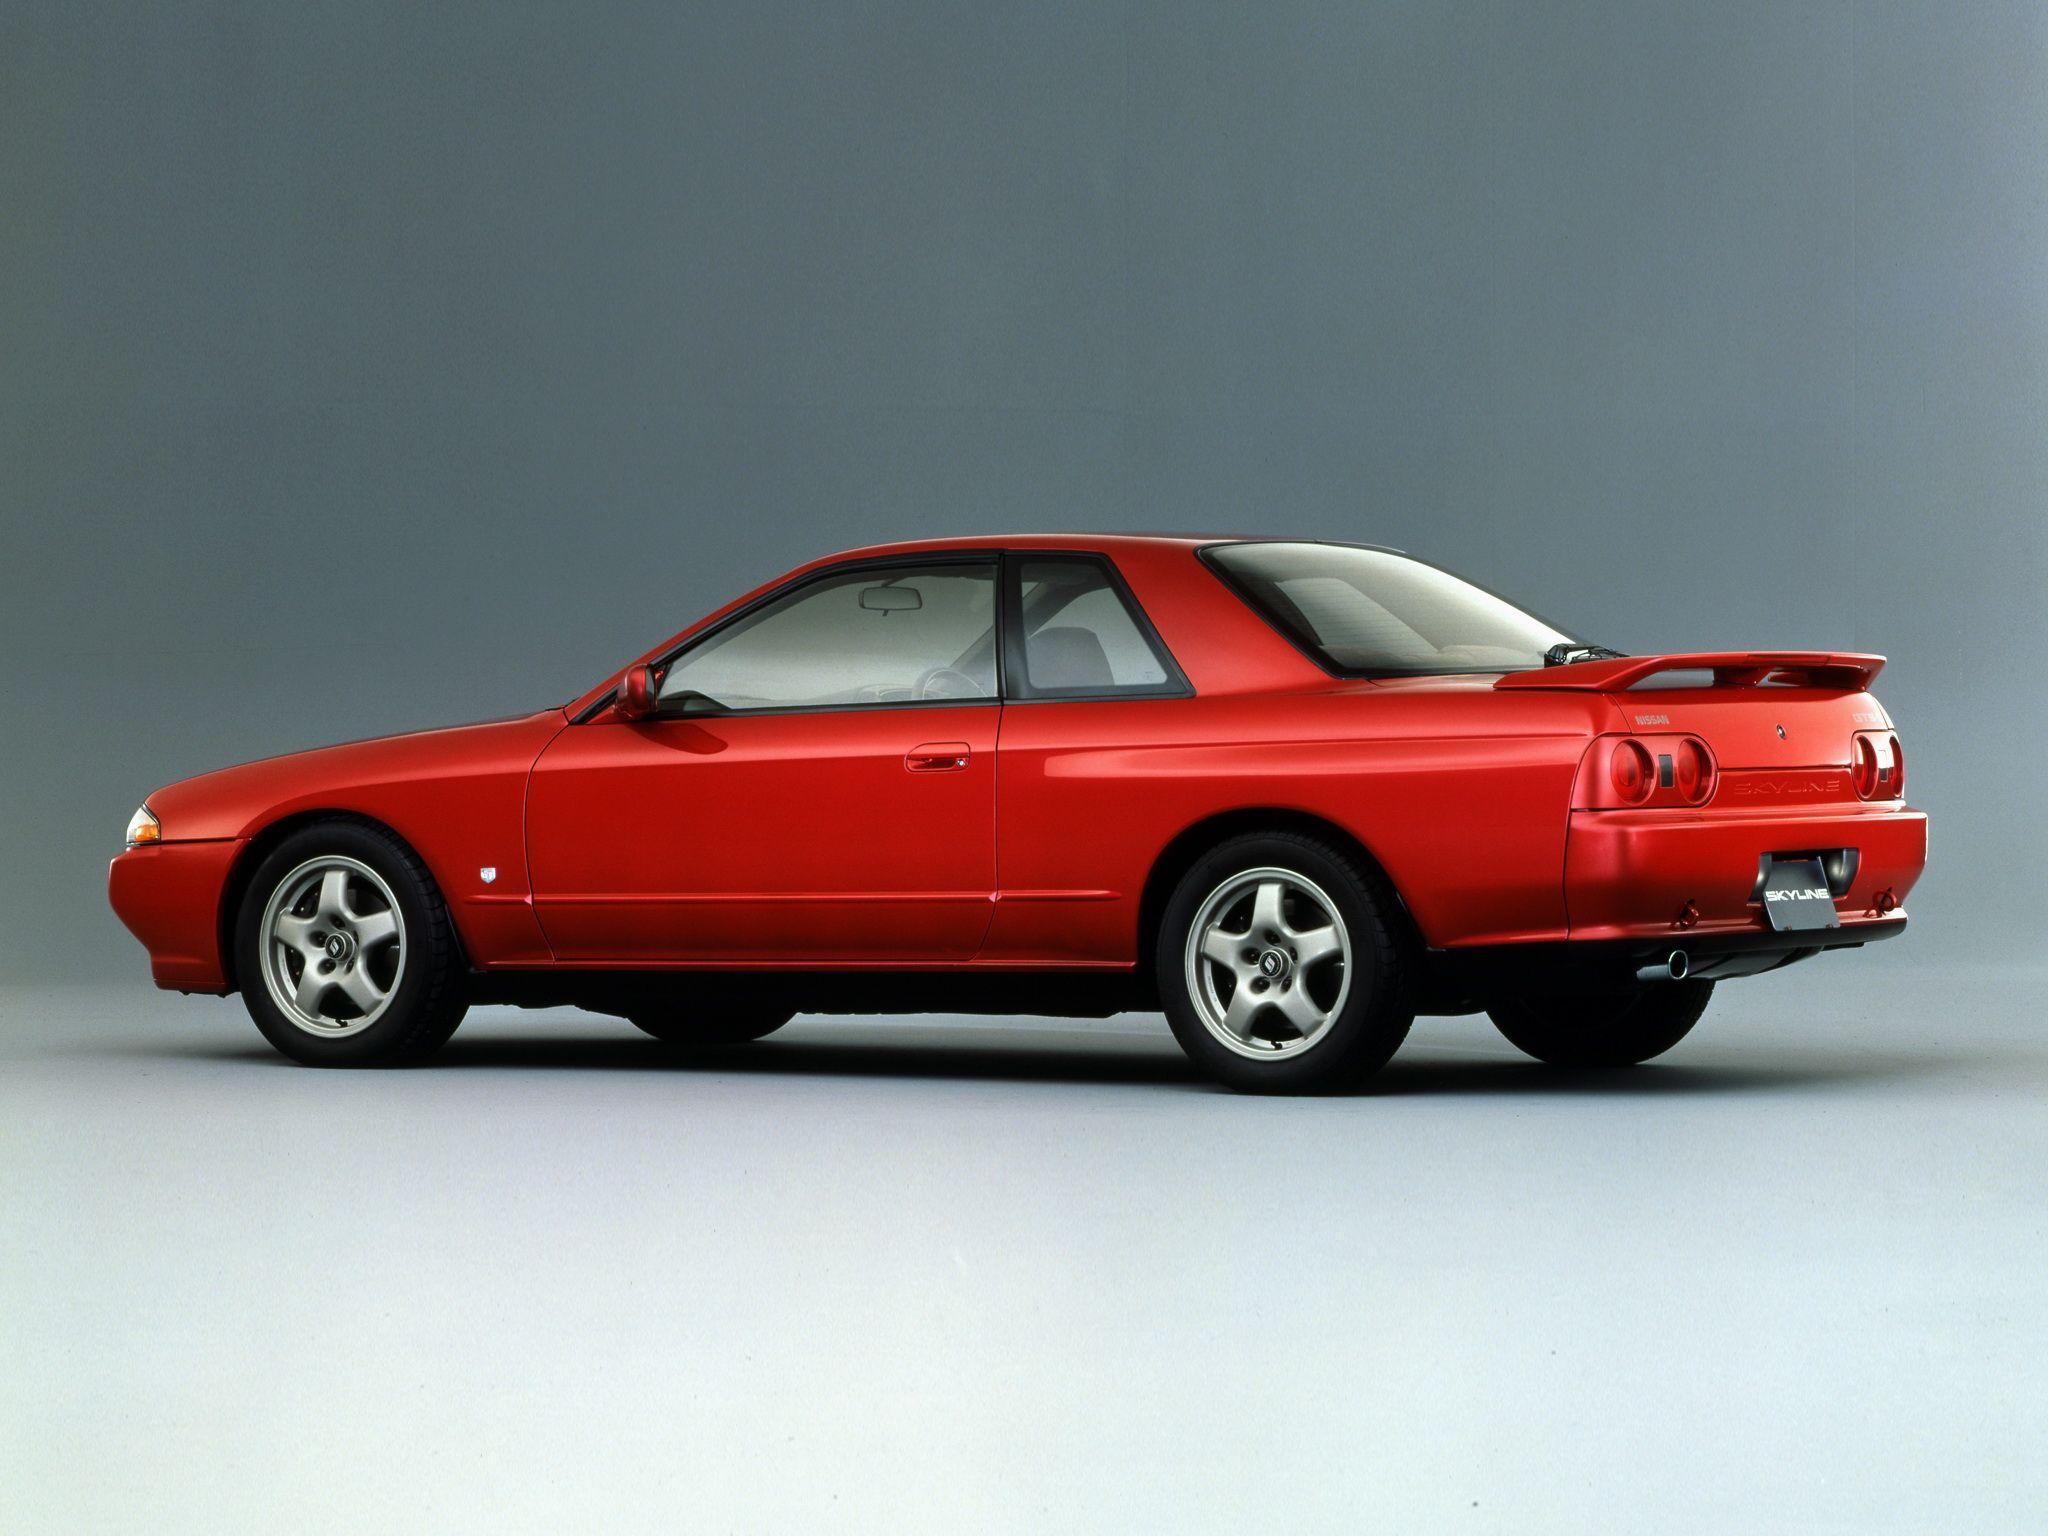 1989-91 Skyline GTS-T Coupe (KRCR32)